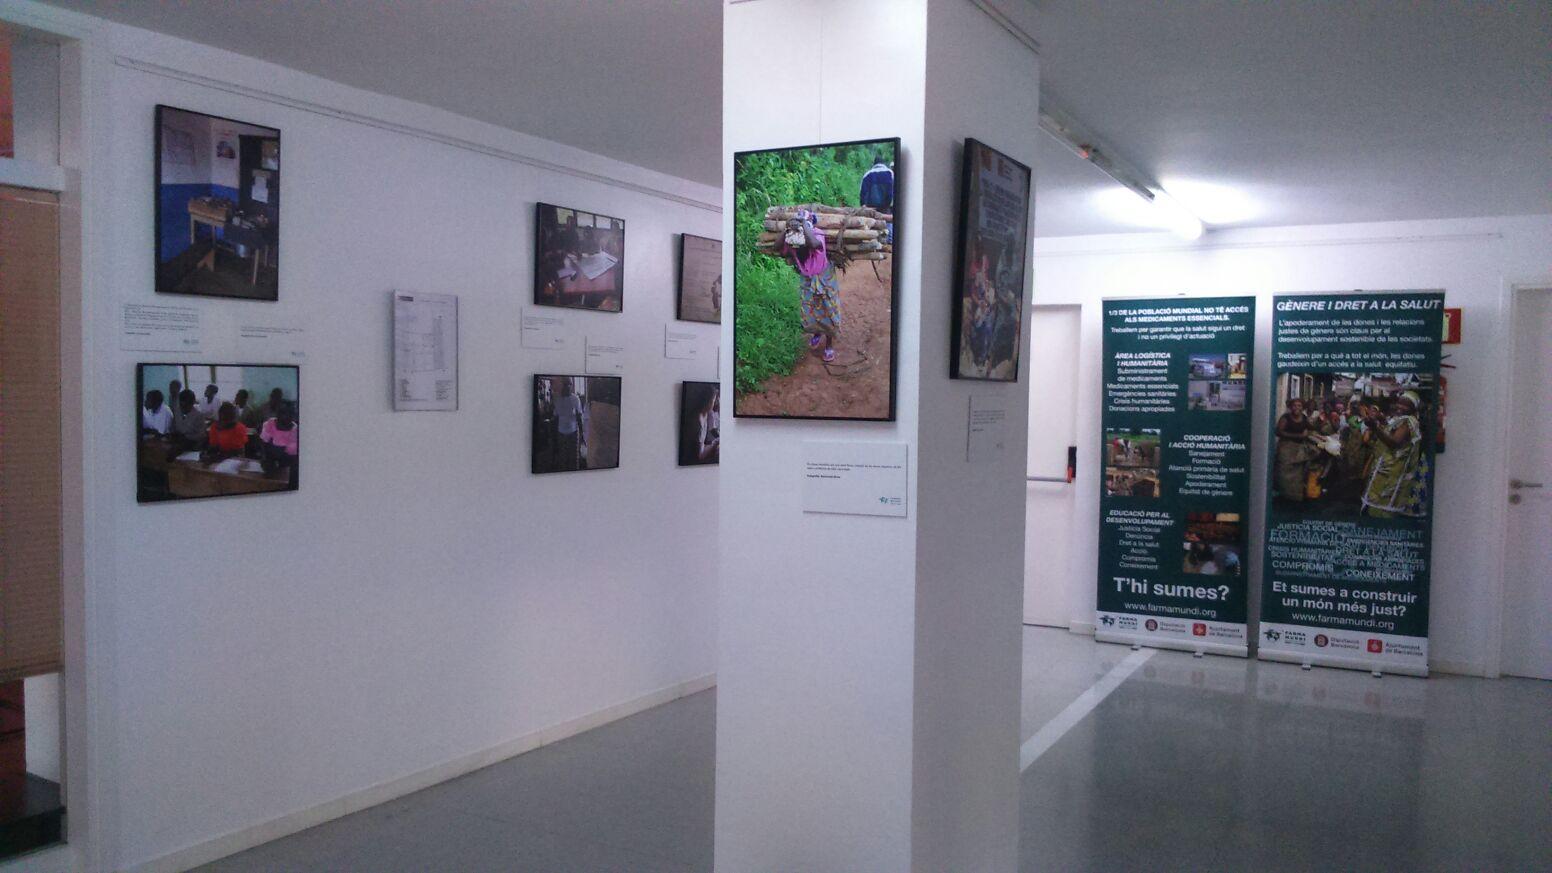 Farmamundi ofrece la exposición Género y Salud en Santiago de Compostela